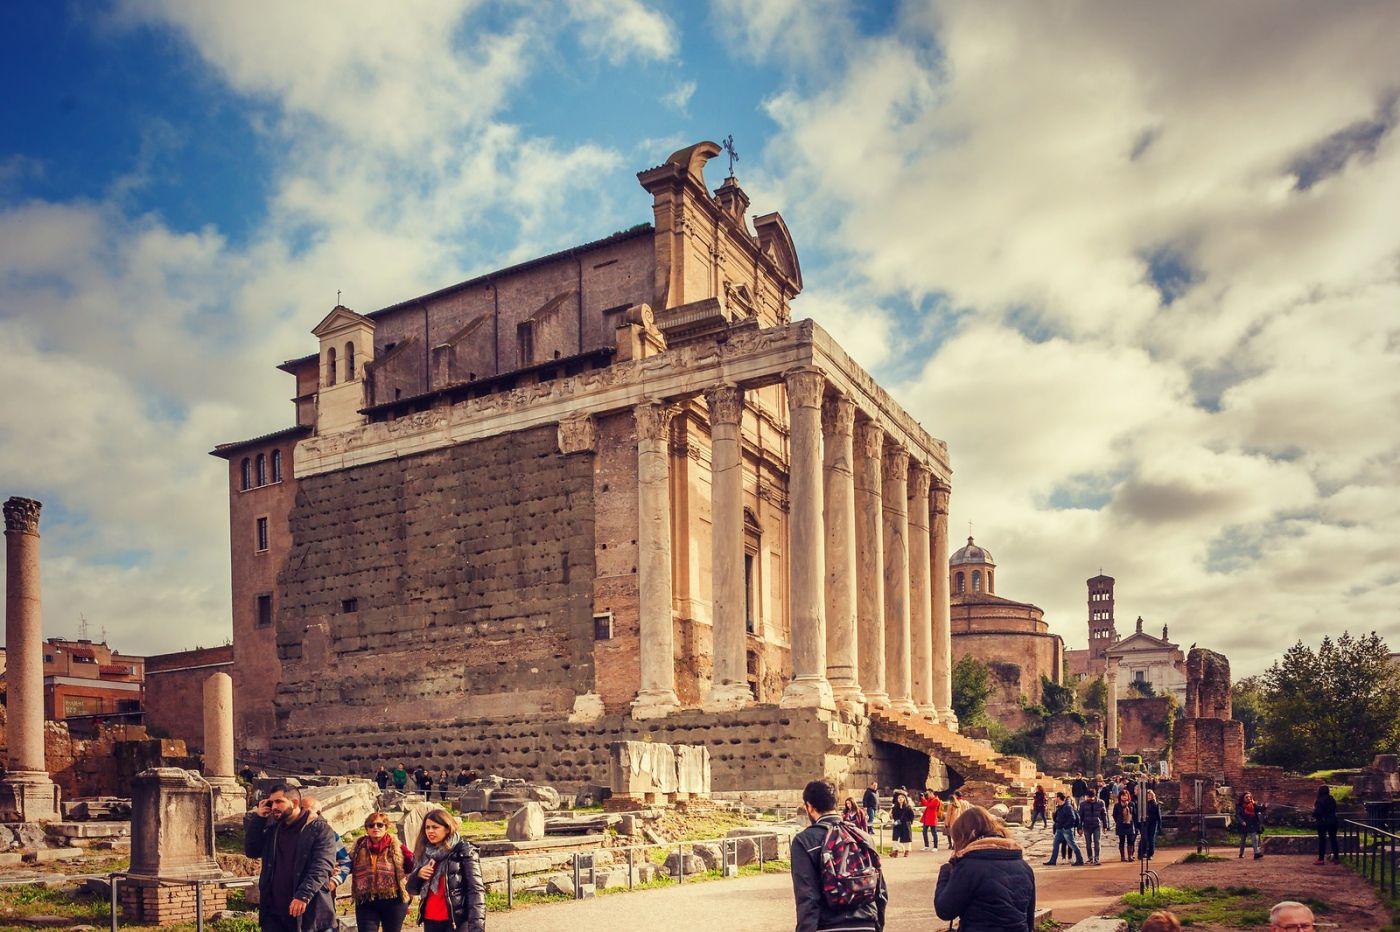 意大利罗马论坛,很敬佩_图1-5